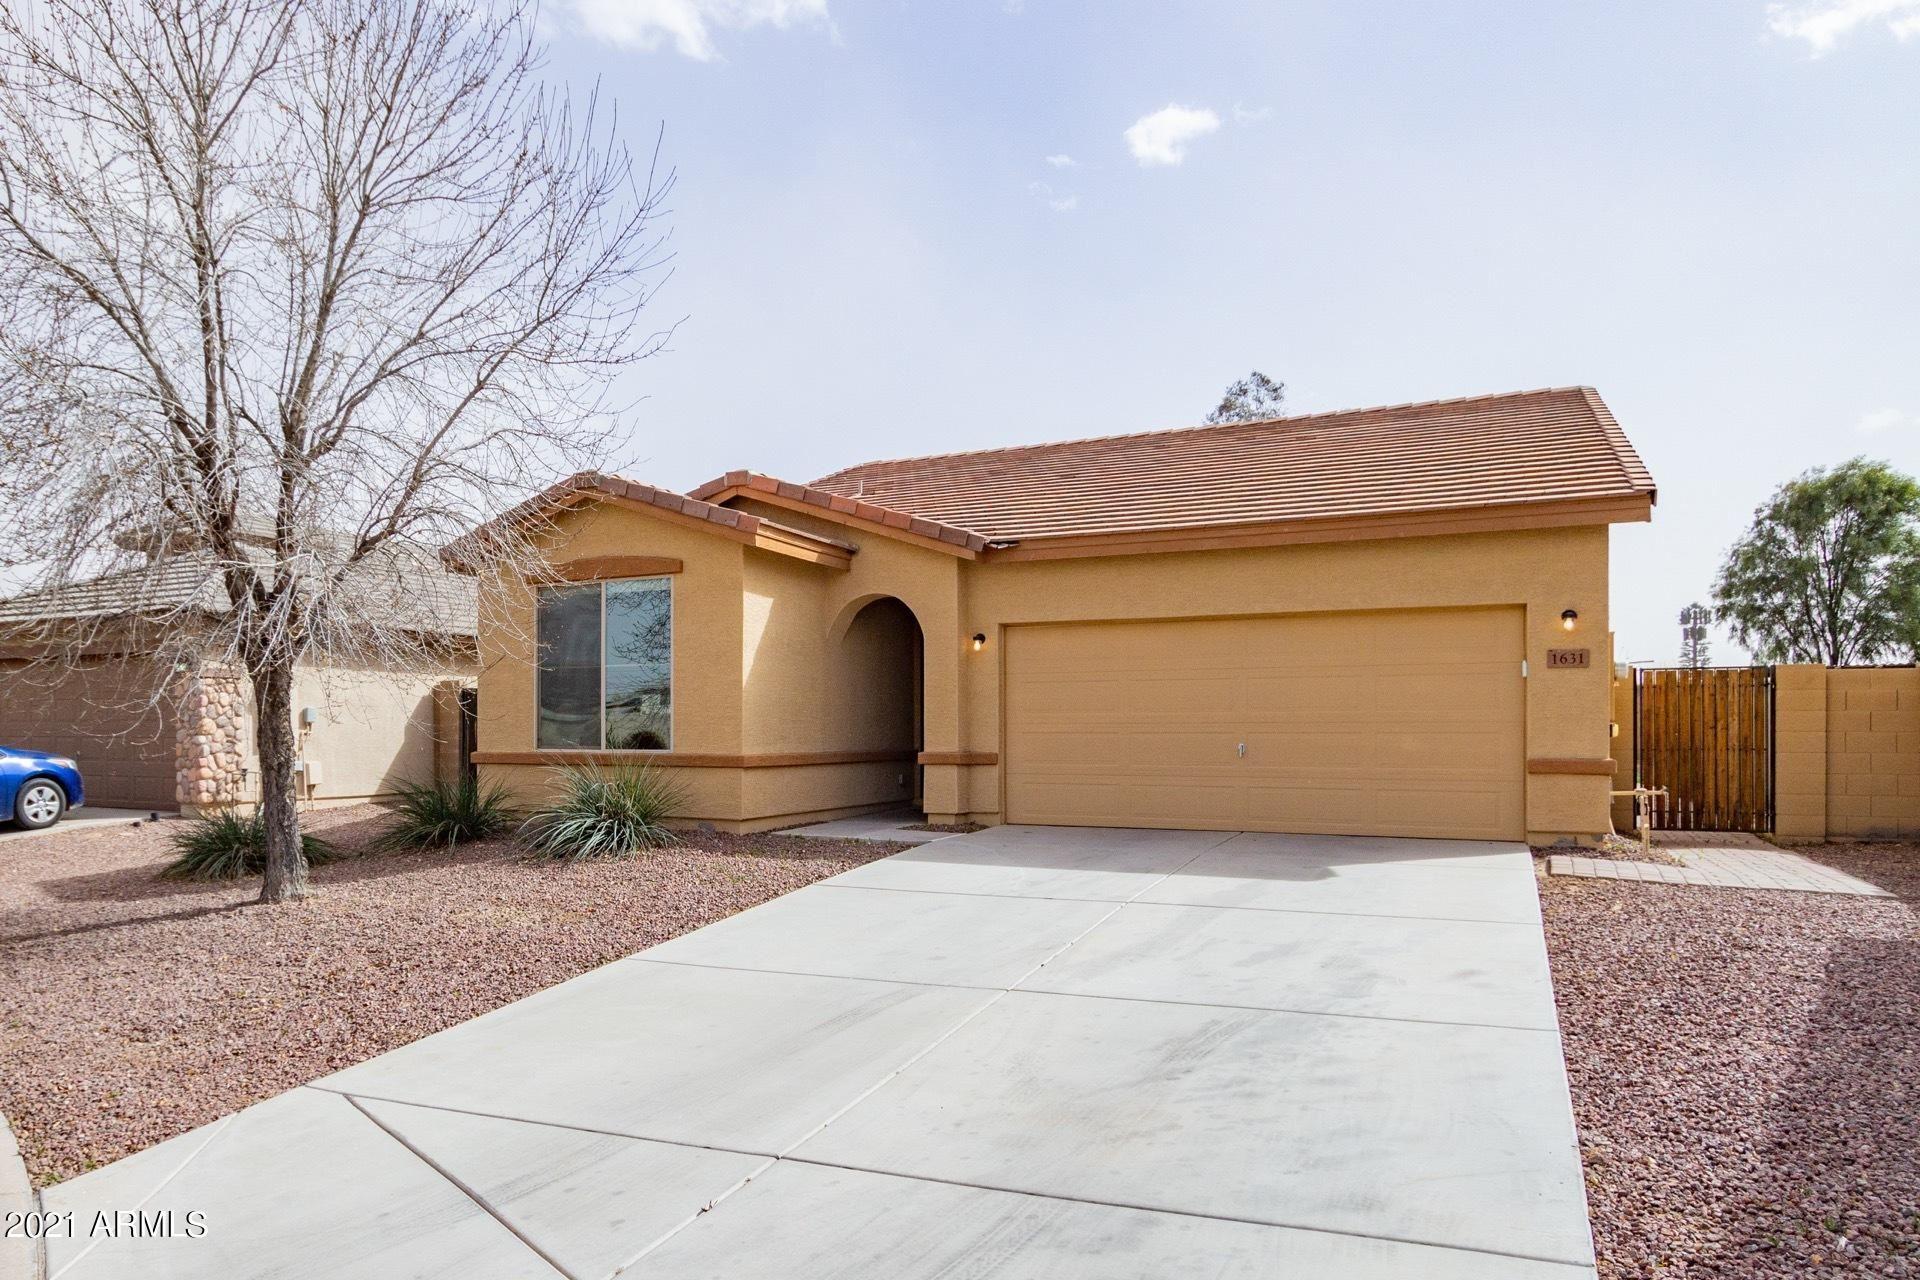 Photo of 1631 W GOLD MINE Way, Queen Creek, AZ 85142 (MLS # 6203005)